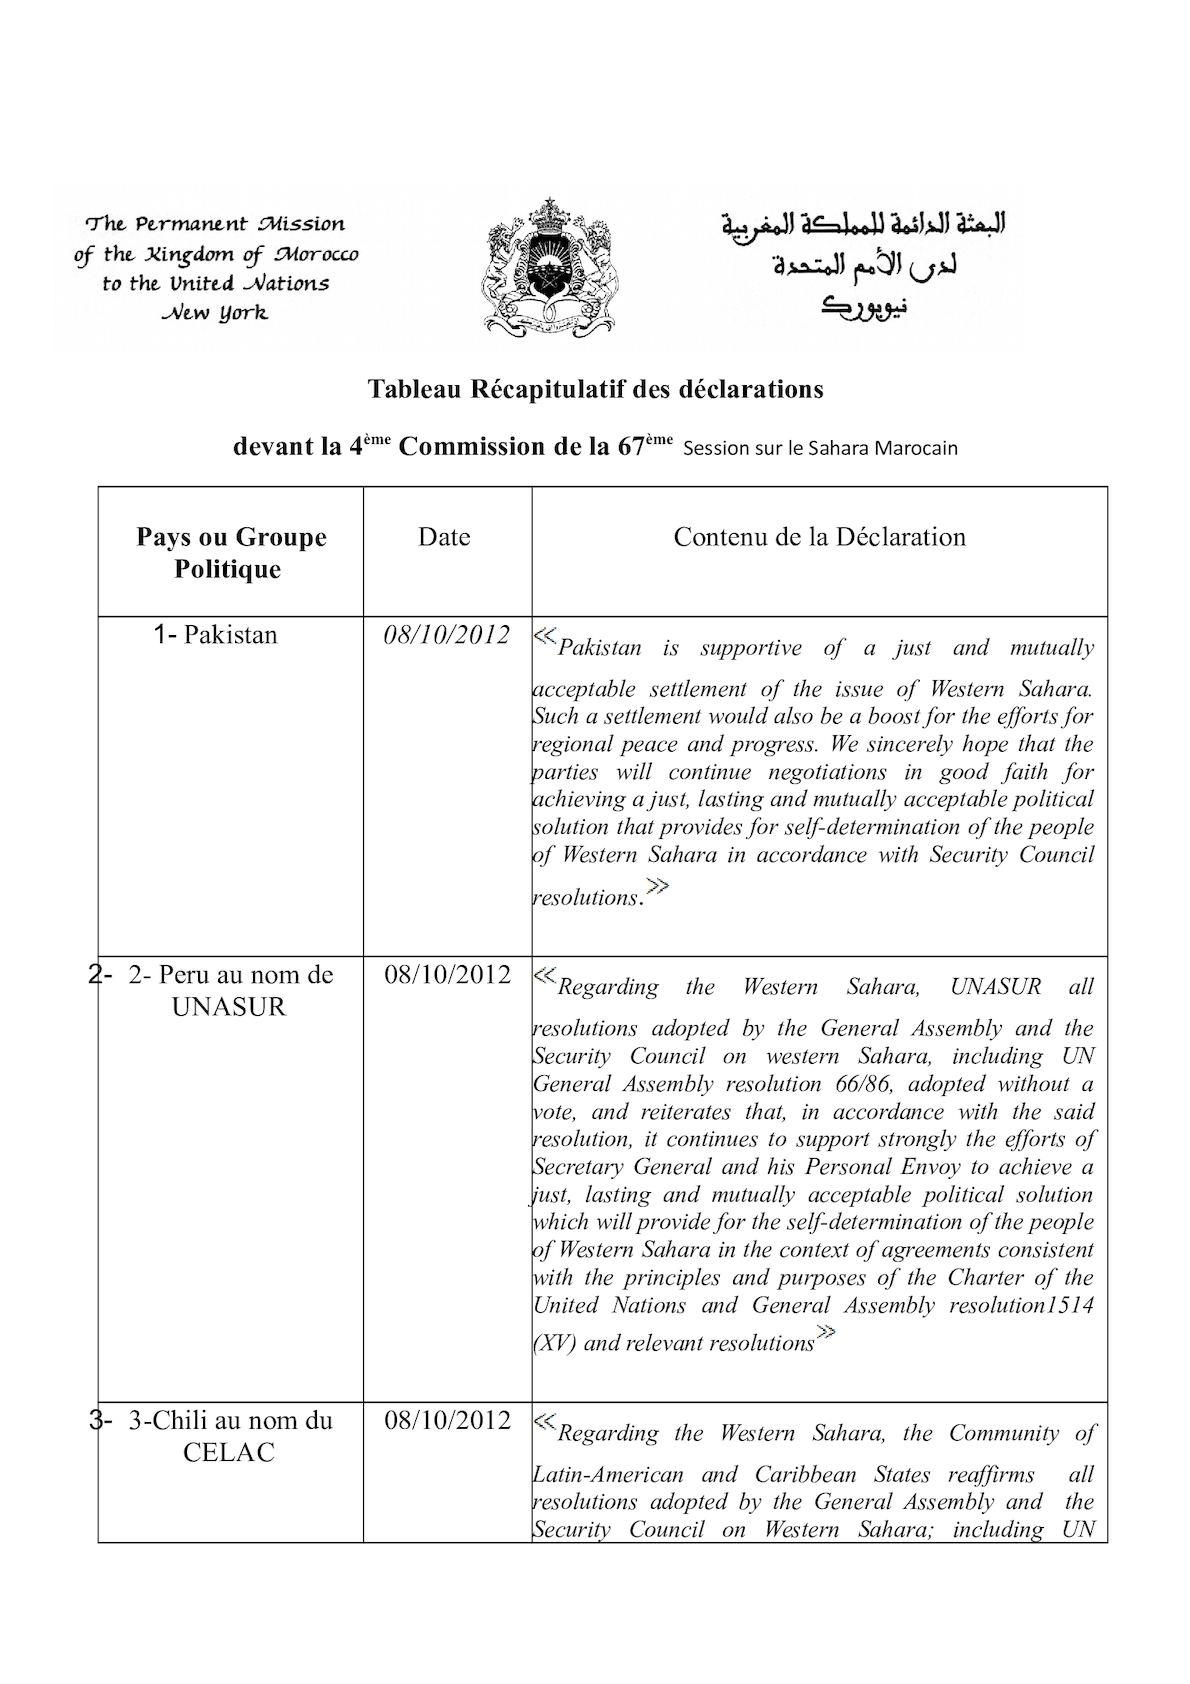 Tableau Récapitulatif Des Déclarations Deavnt La 4ème Commission